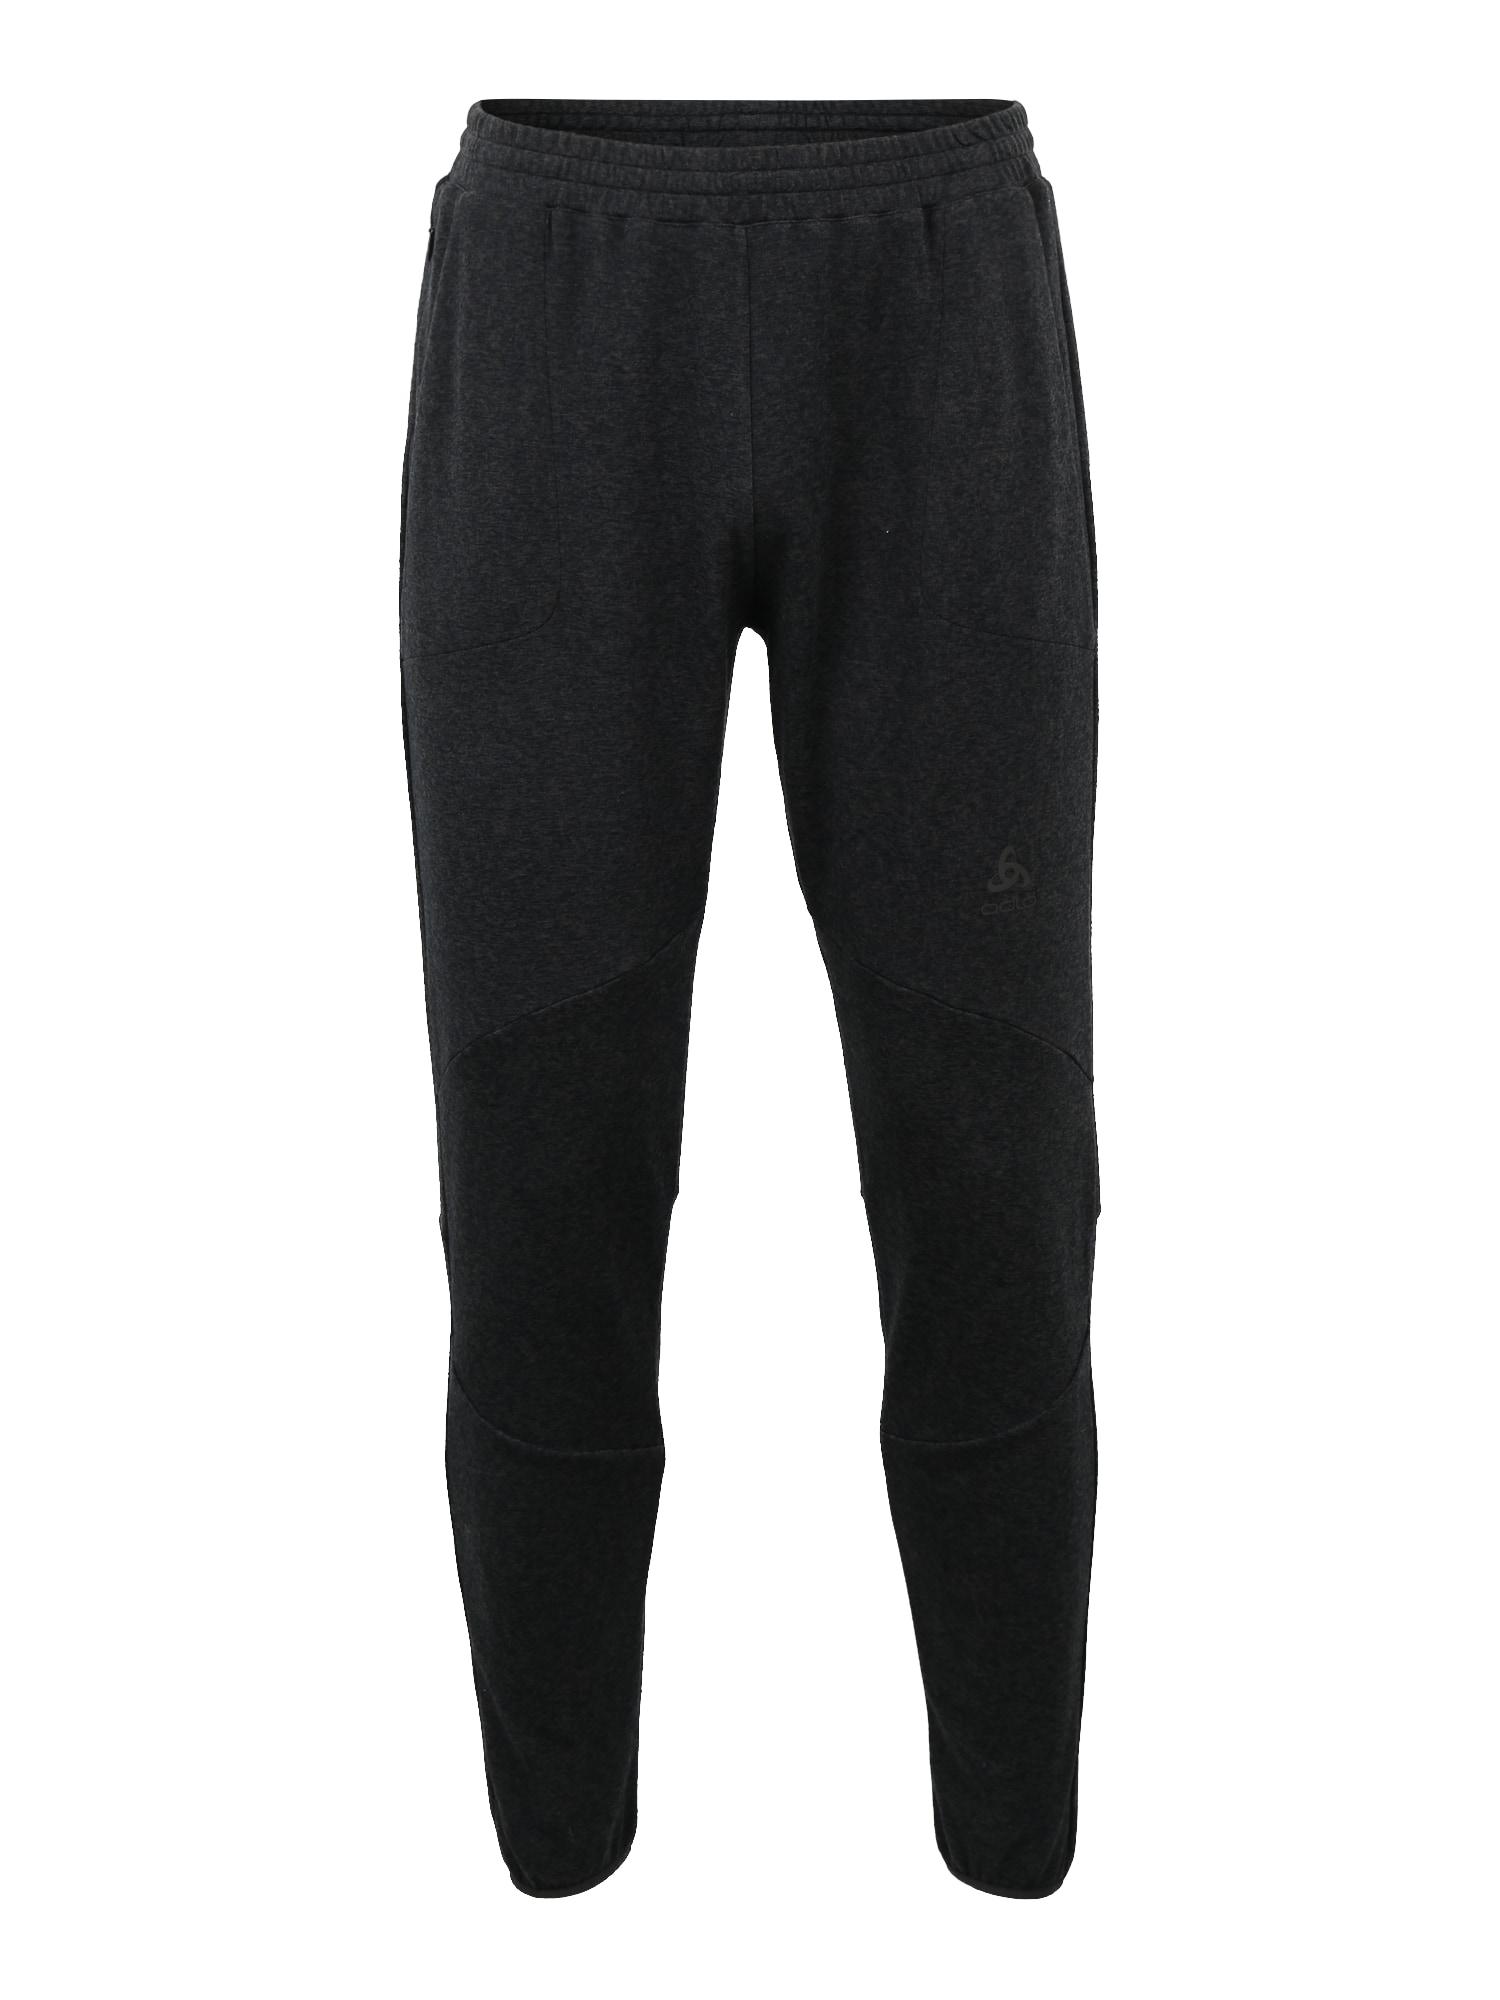 Sportovní kalhoty Millennium Linencool Pro tmavě šedá ODLO